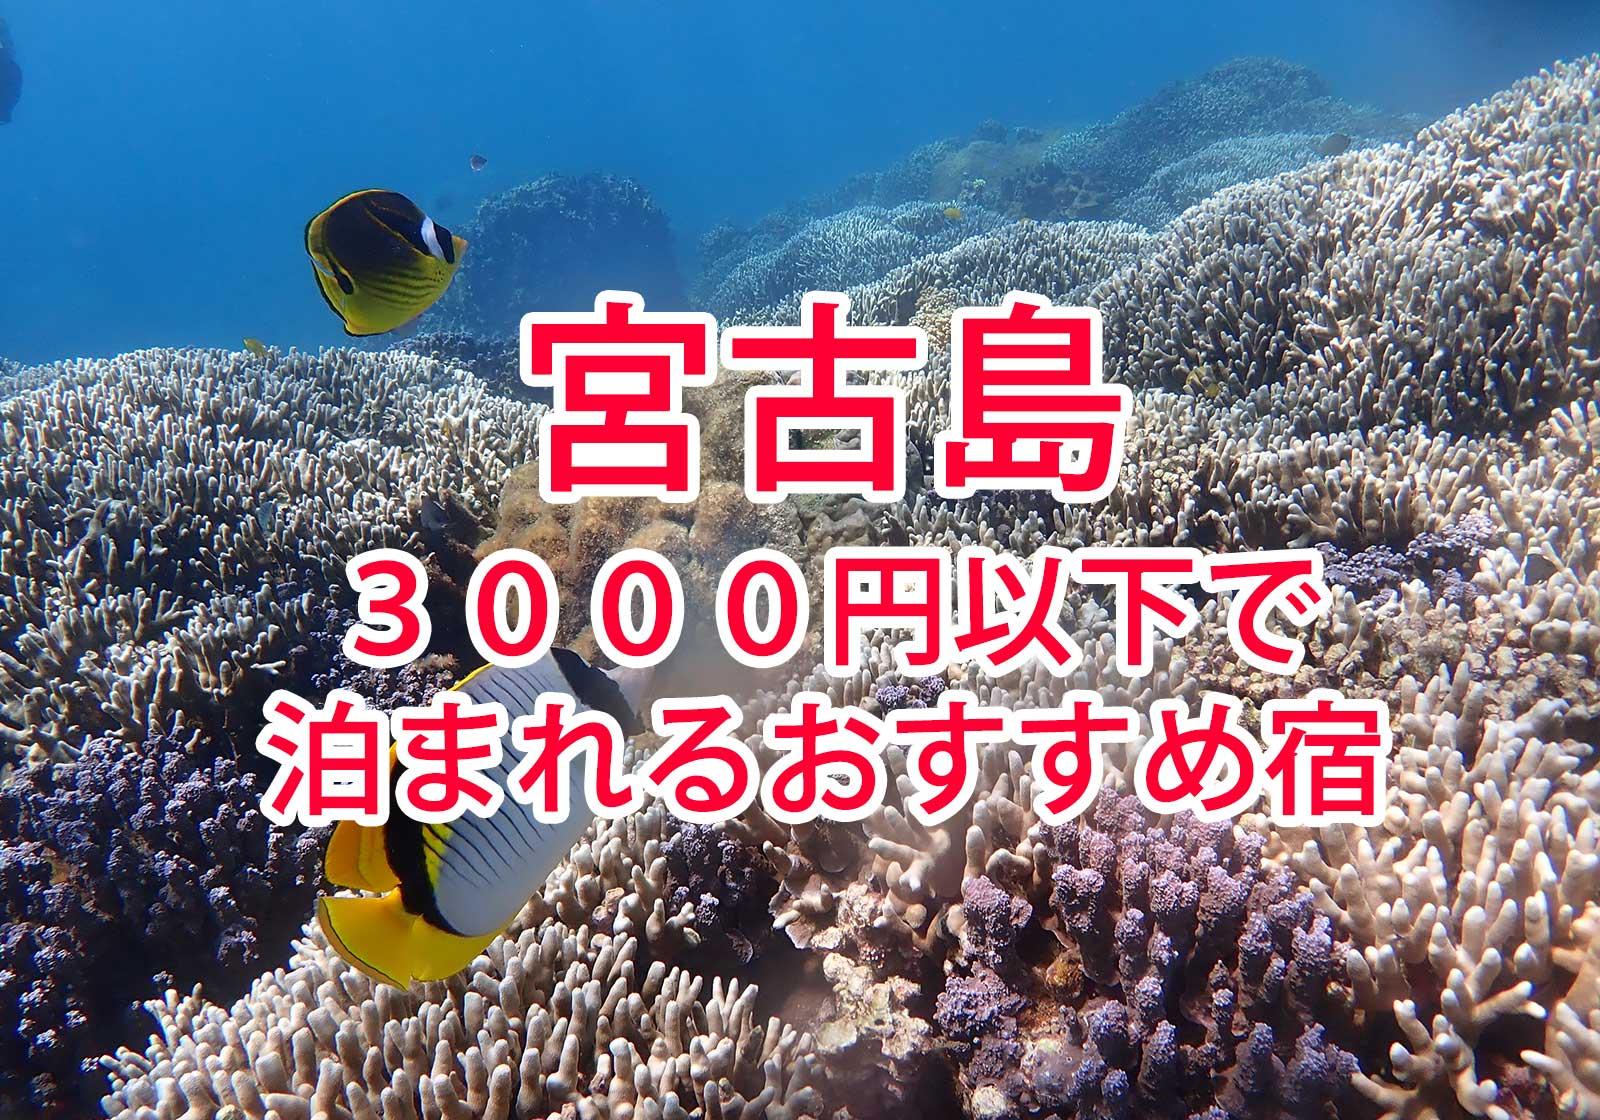 宮古島3000円以下で泊まれるおすすめ宿